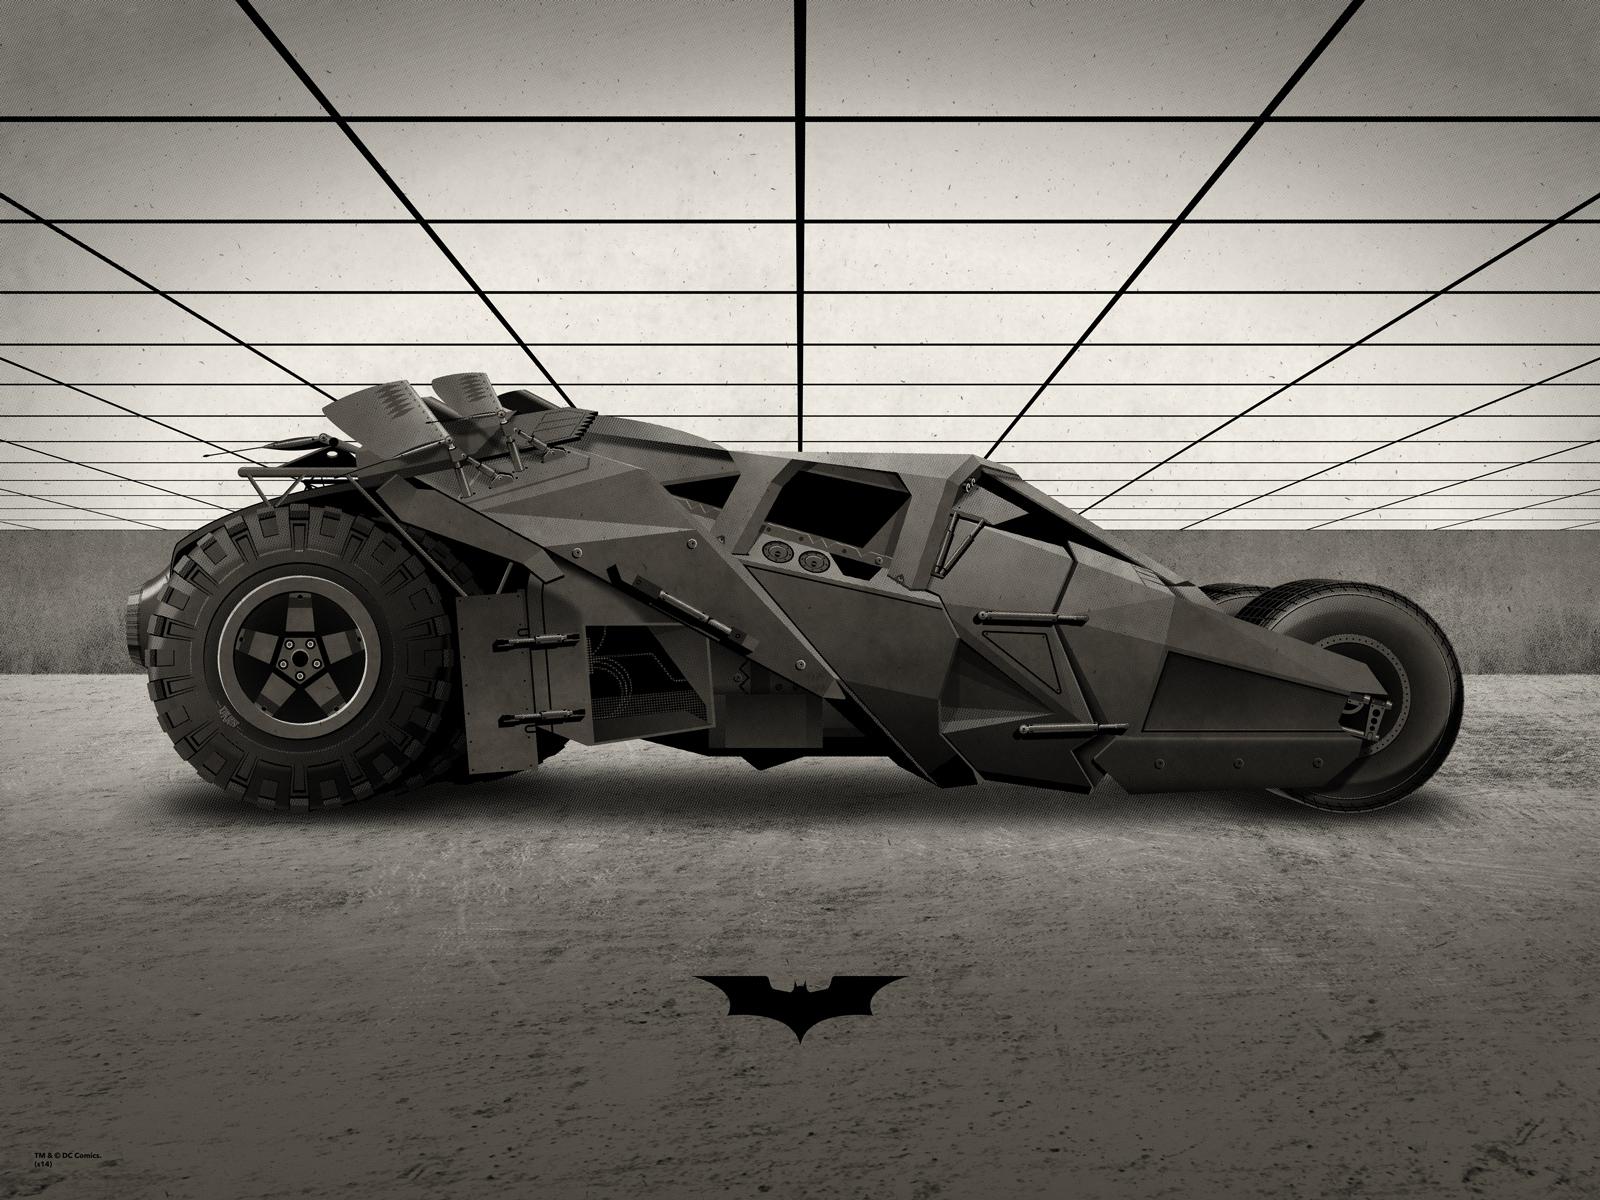 Batman tumbler big